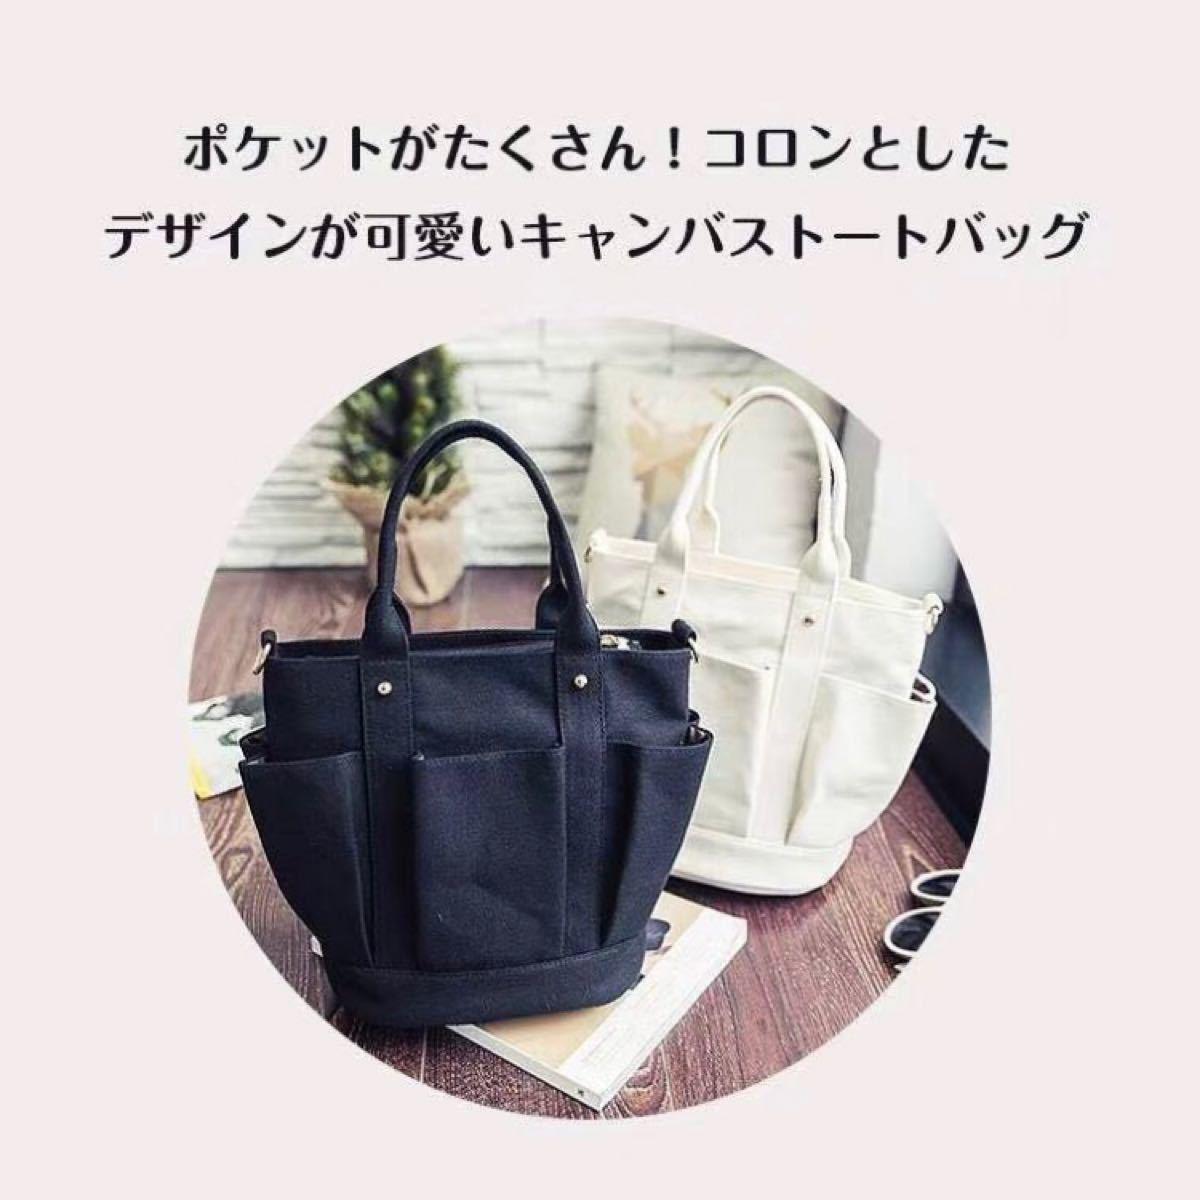 トートバッグ ショルダーバッグ 2WAY 多ポケットキャンバストートバッグ コンパクトながらたっぷり入る 実用性◎ 帆布 ホワイト